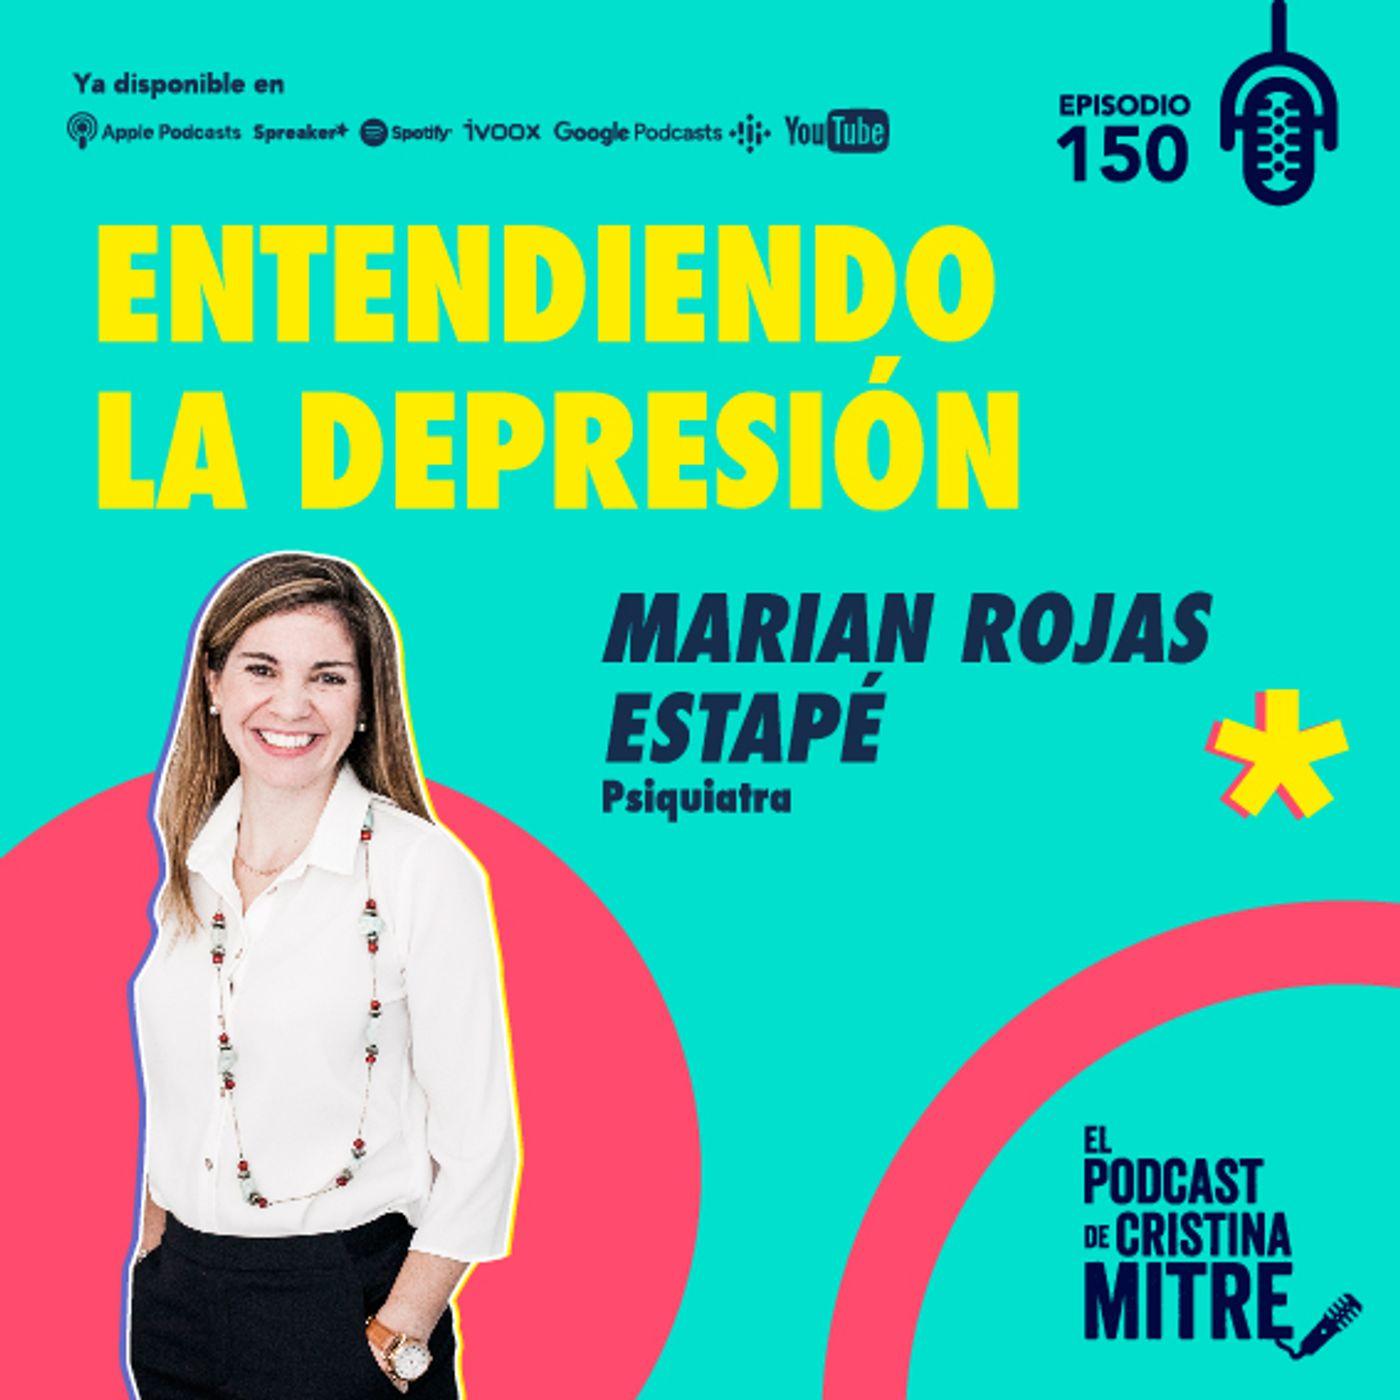 Entendiendo la depresión con la Dra. Marian Rojas Estapé. Episodio 150